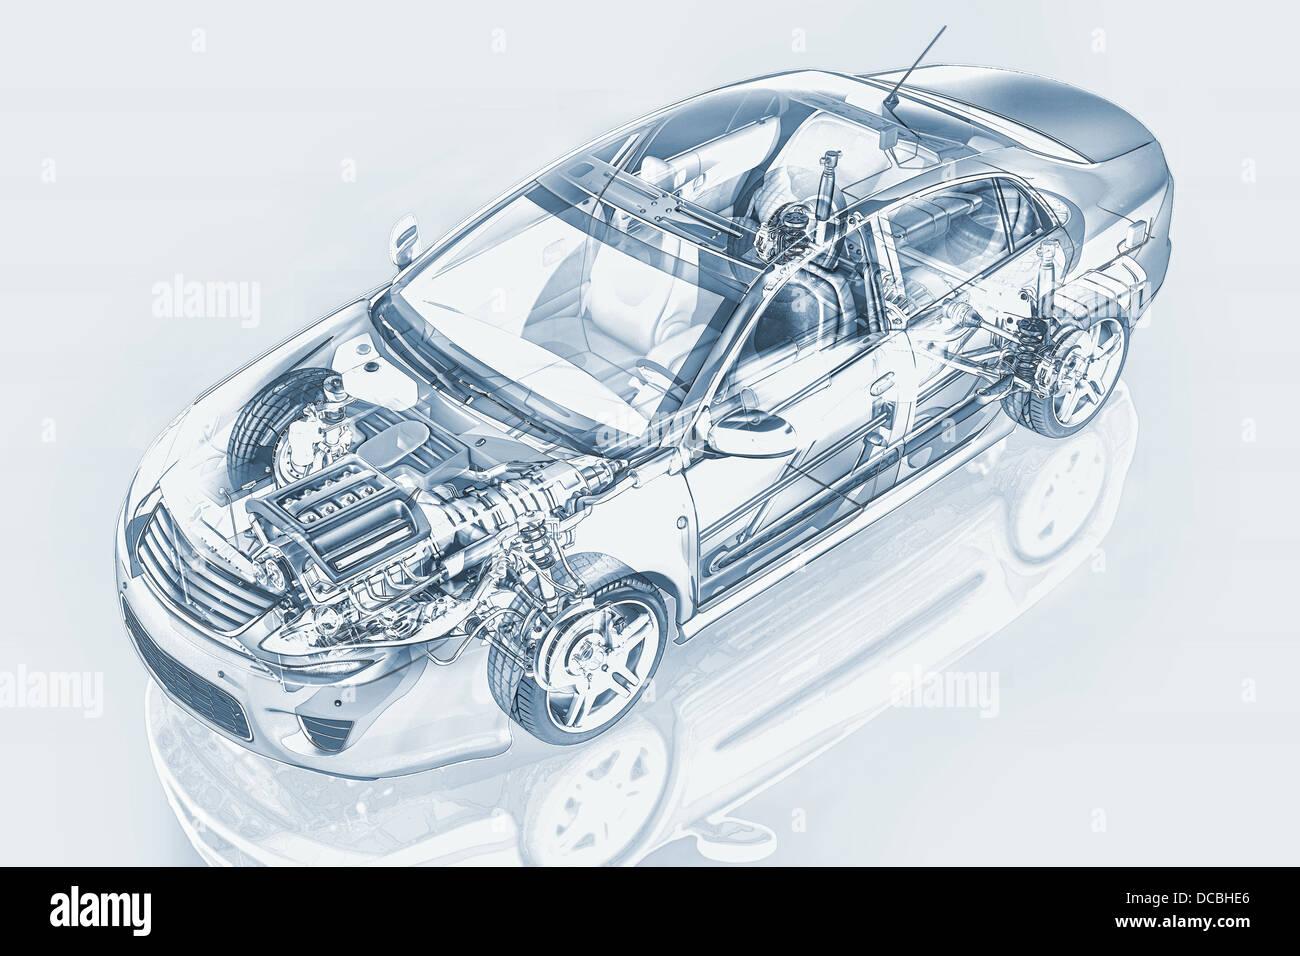 Generico auto berlina dettagliata rappresentazione asportata, con effetto fantasma, nel disegno a matita stile, Immagini Stock